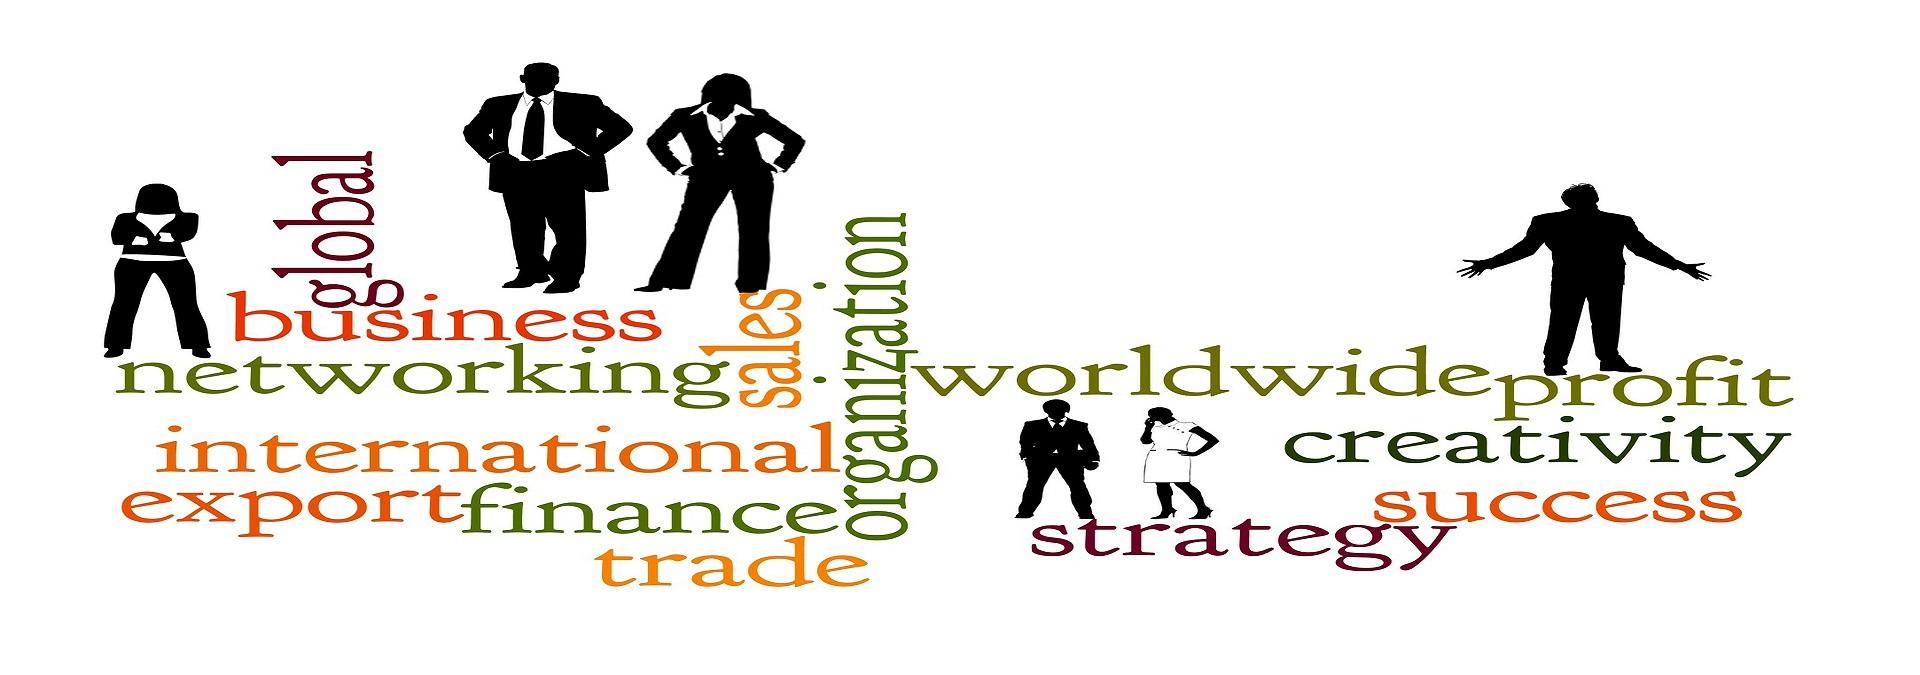 E-ihracat başarısı için bazı önemli göstergeler vardır.